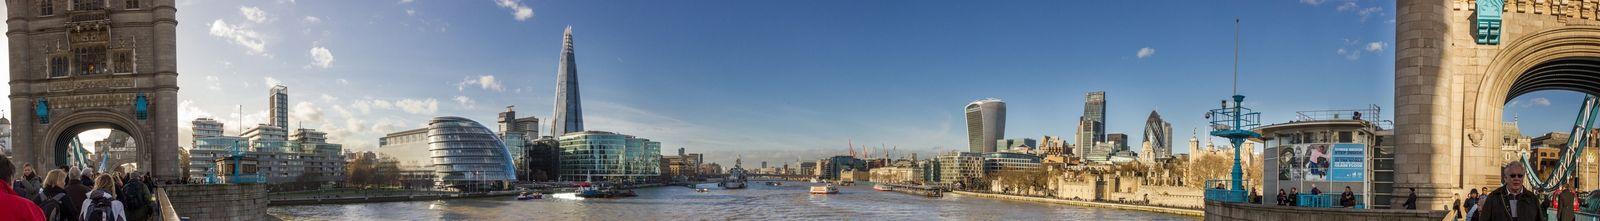 Panorámica de las vistas al oeste desde el Puente